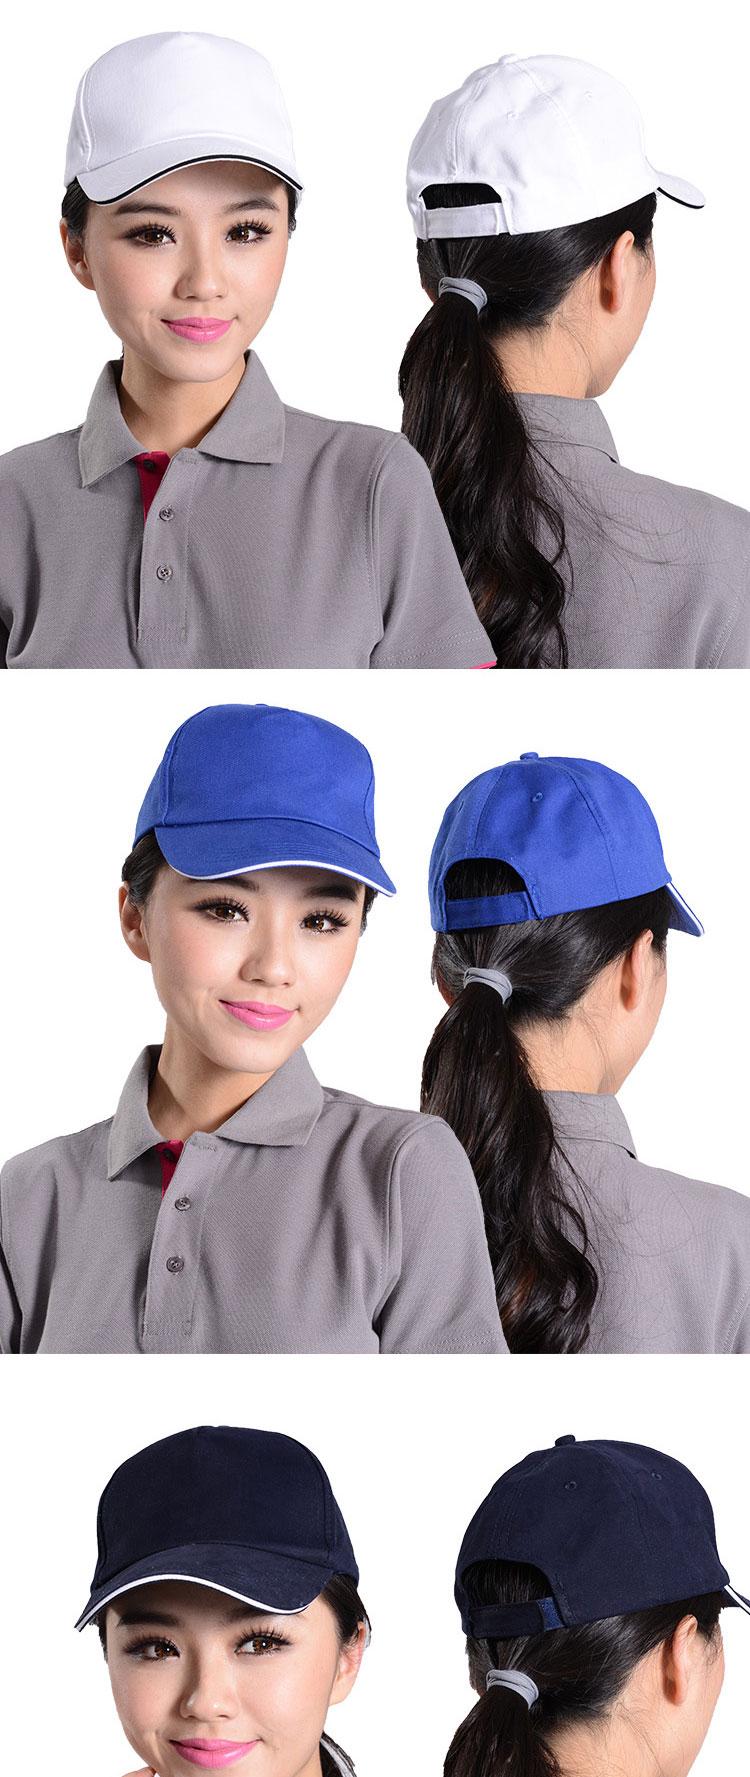 Mũ du lịch mũ bóng chày nắp nhà hàng mũ làm việc quần áo mũ in tự làm quảng cáo nắp tùy chỉnh người đàn ông và phụ nữ